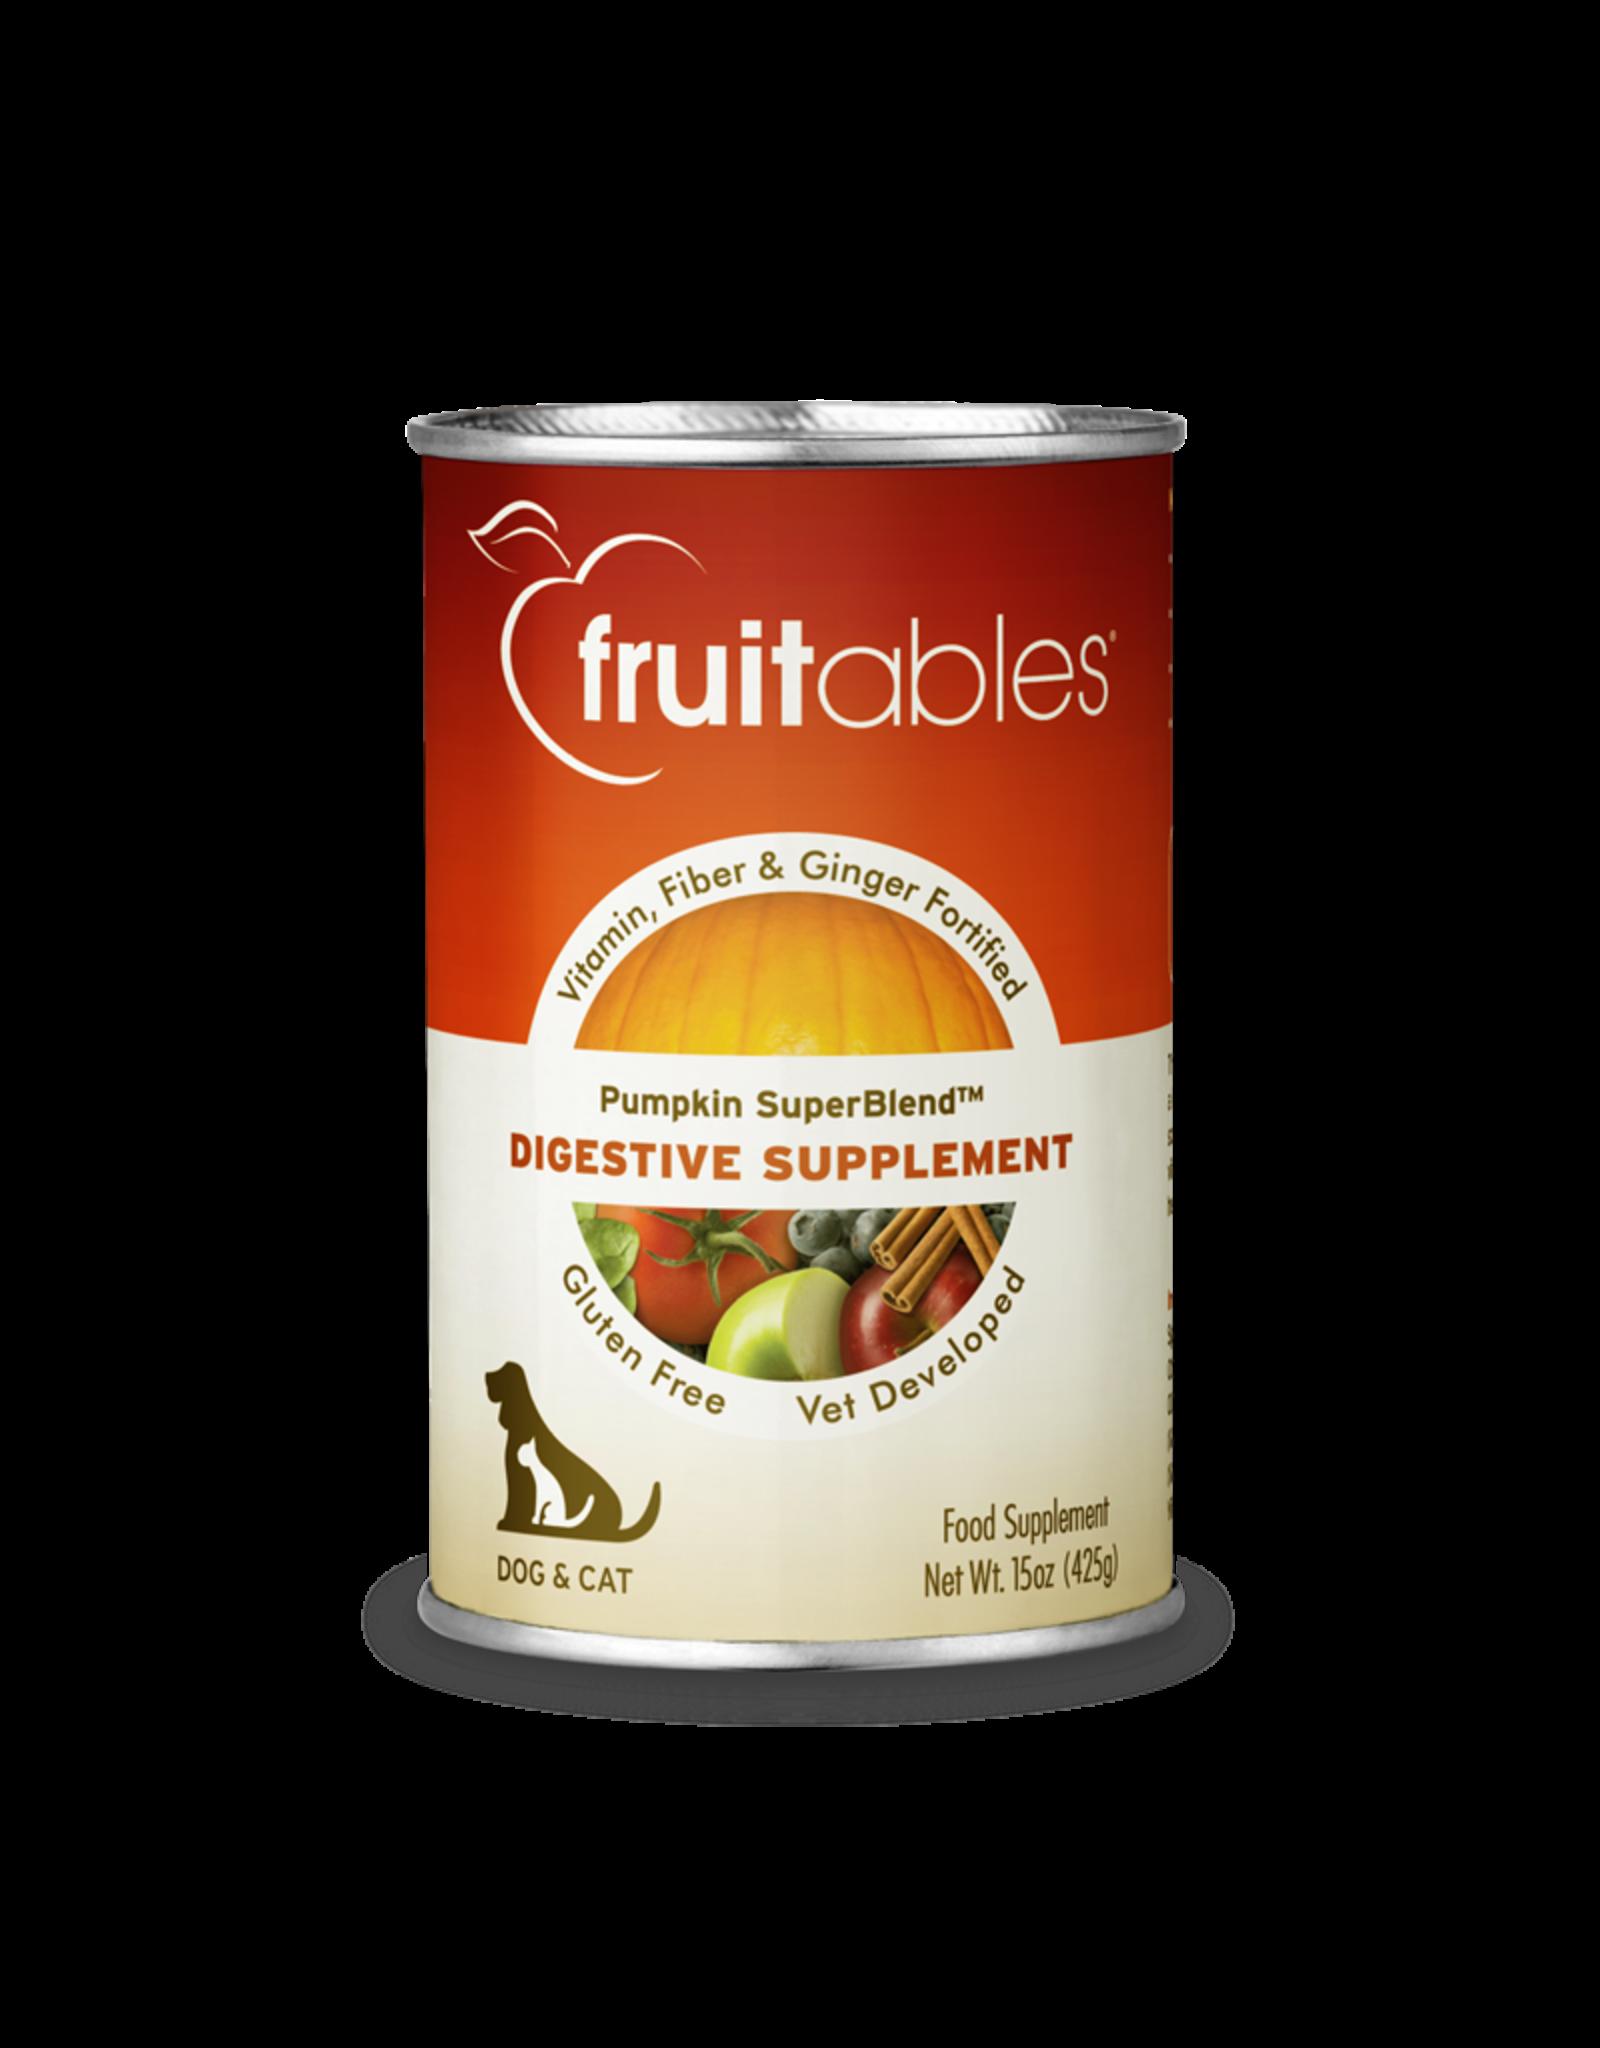 Fruitables SuperBlend Pumpkin Digestive Supplement 15oz Can